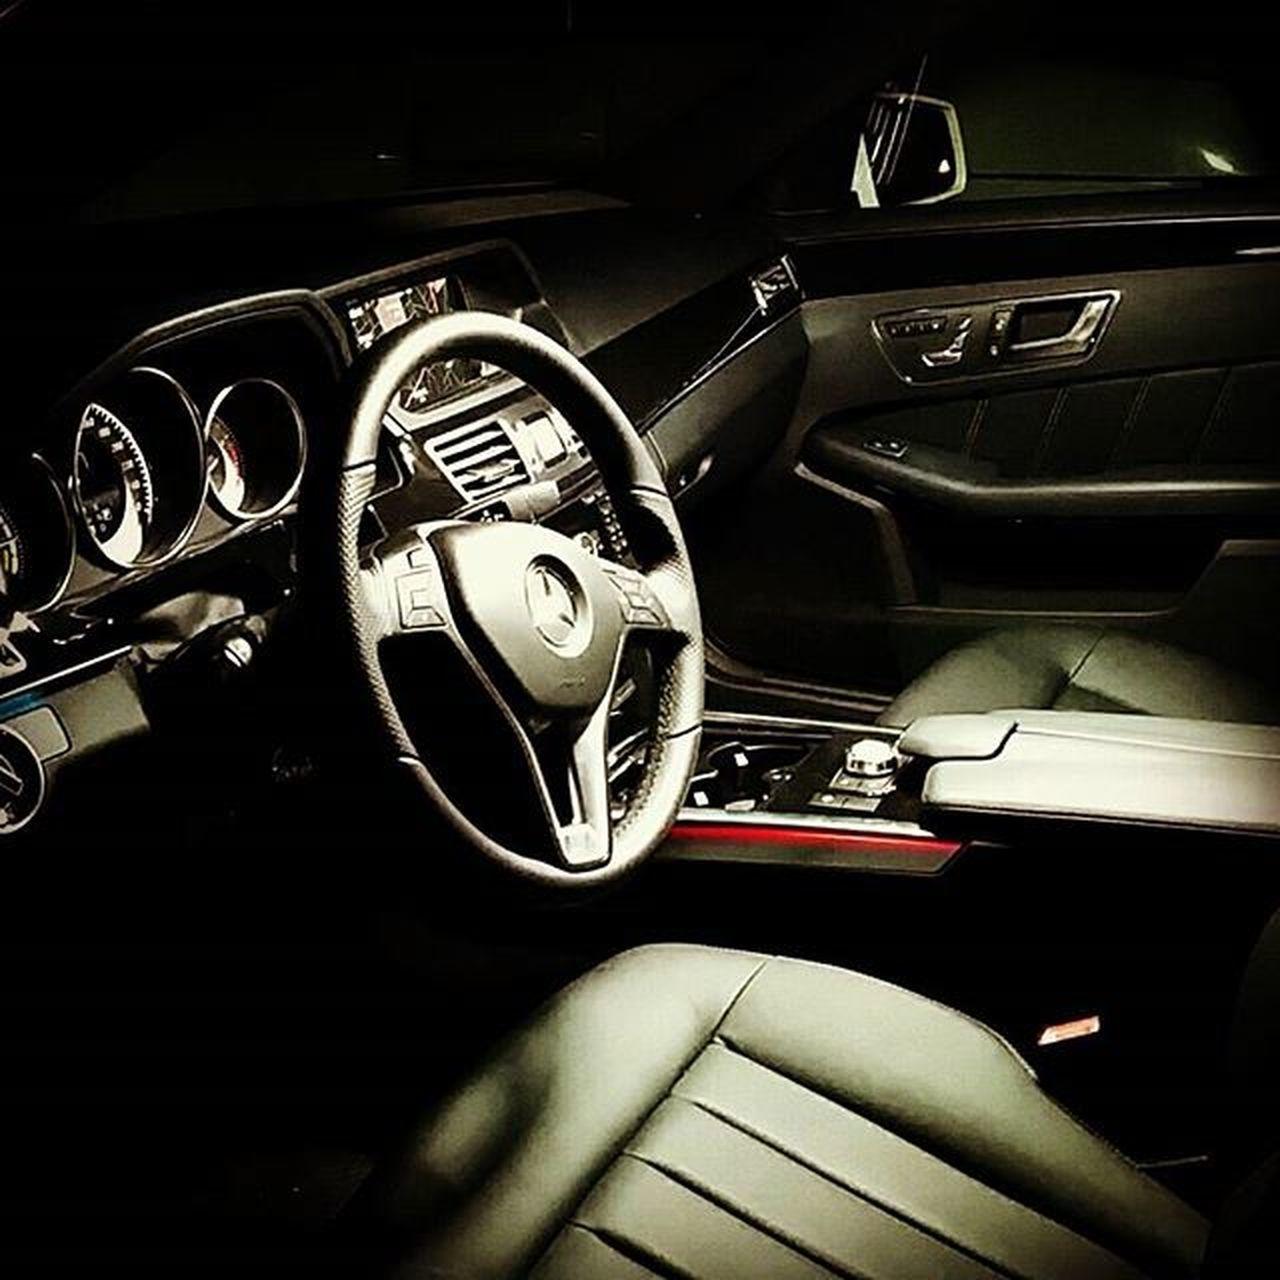 縦目 から歴代 E は乗ってきたけど、この子も素敵 。しかし高い 。 Benz Mercedes Mercedesbenz ThreePointedStar 陸海空 おべんべん ベンツ Hybrid ハイブリッド Hideoutinc .Hideoutworks Hideout_inc .Highlife